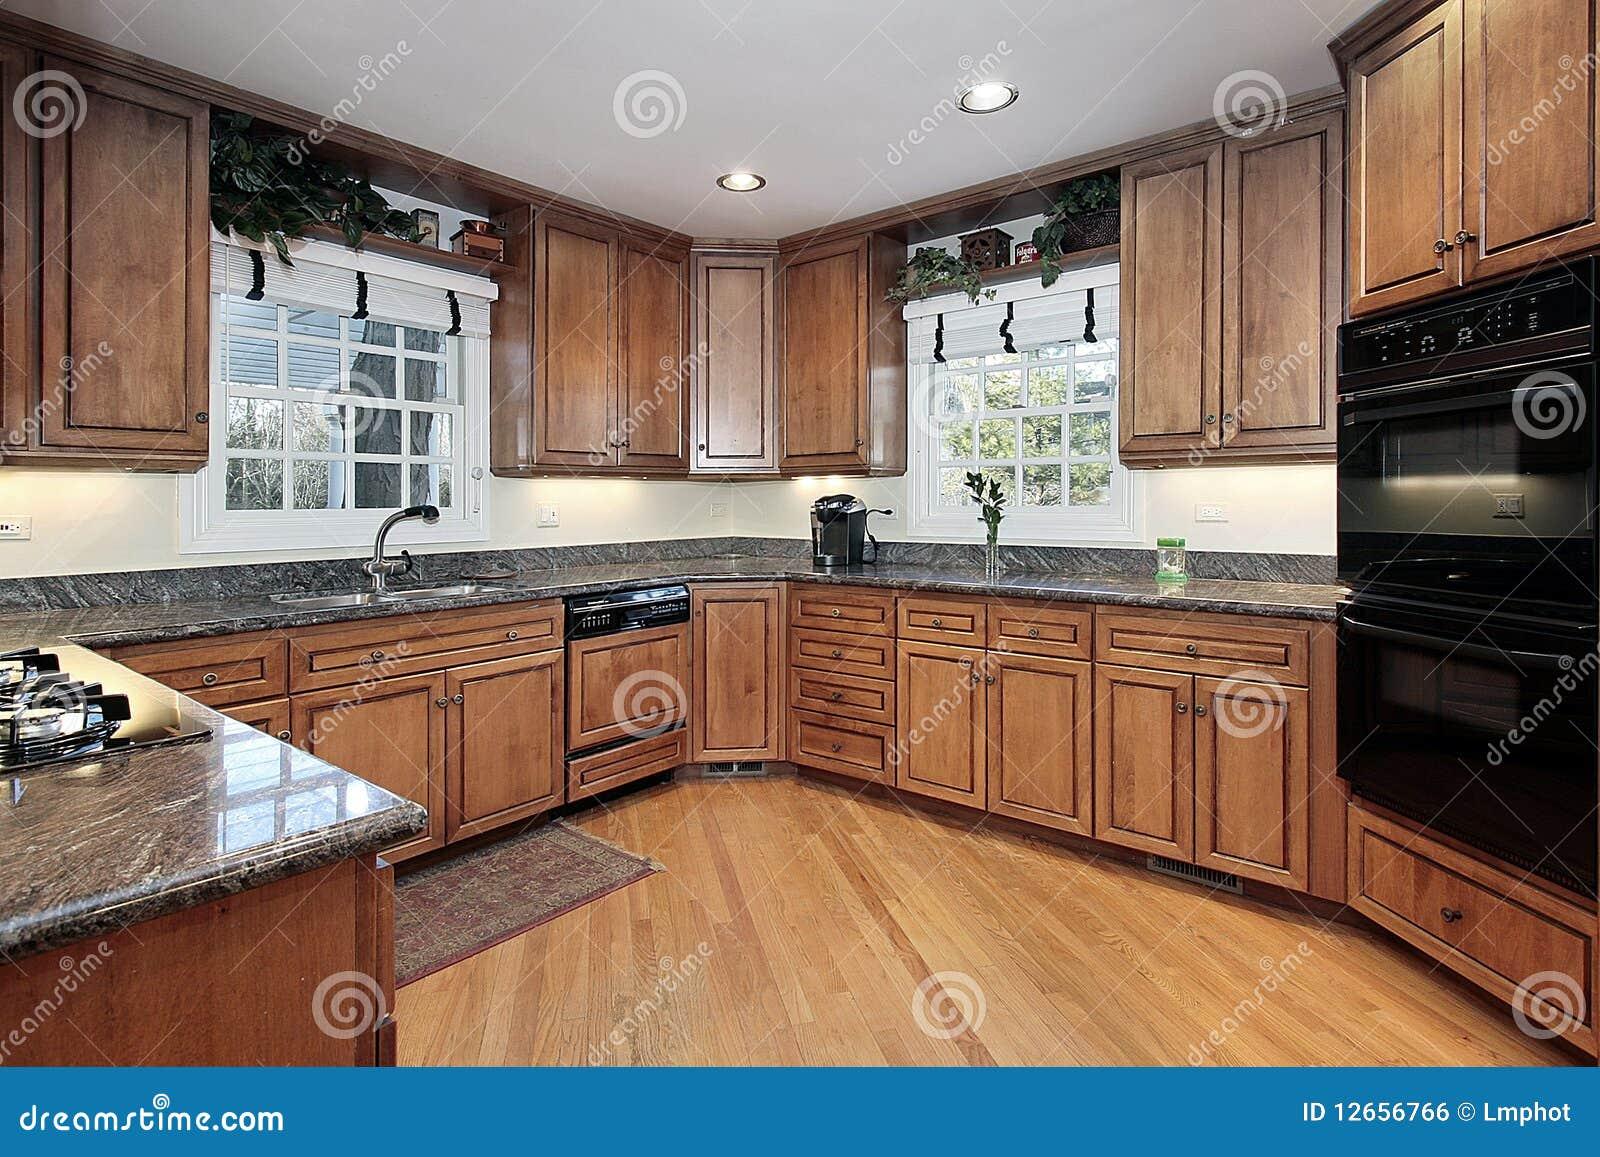 Cocina artesonada madera moderna foto de archivo imagen 12656766 - Suelos para cocinas modernas ...